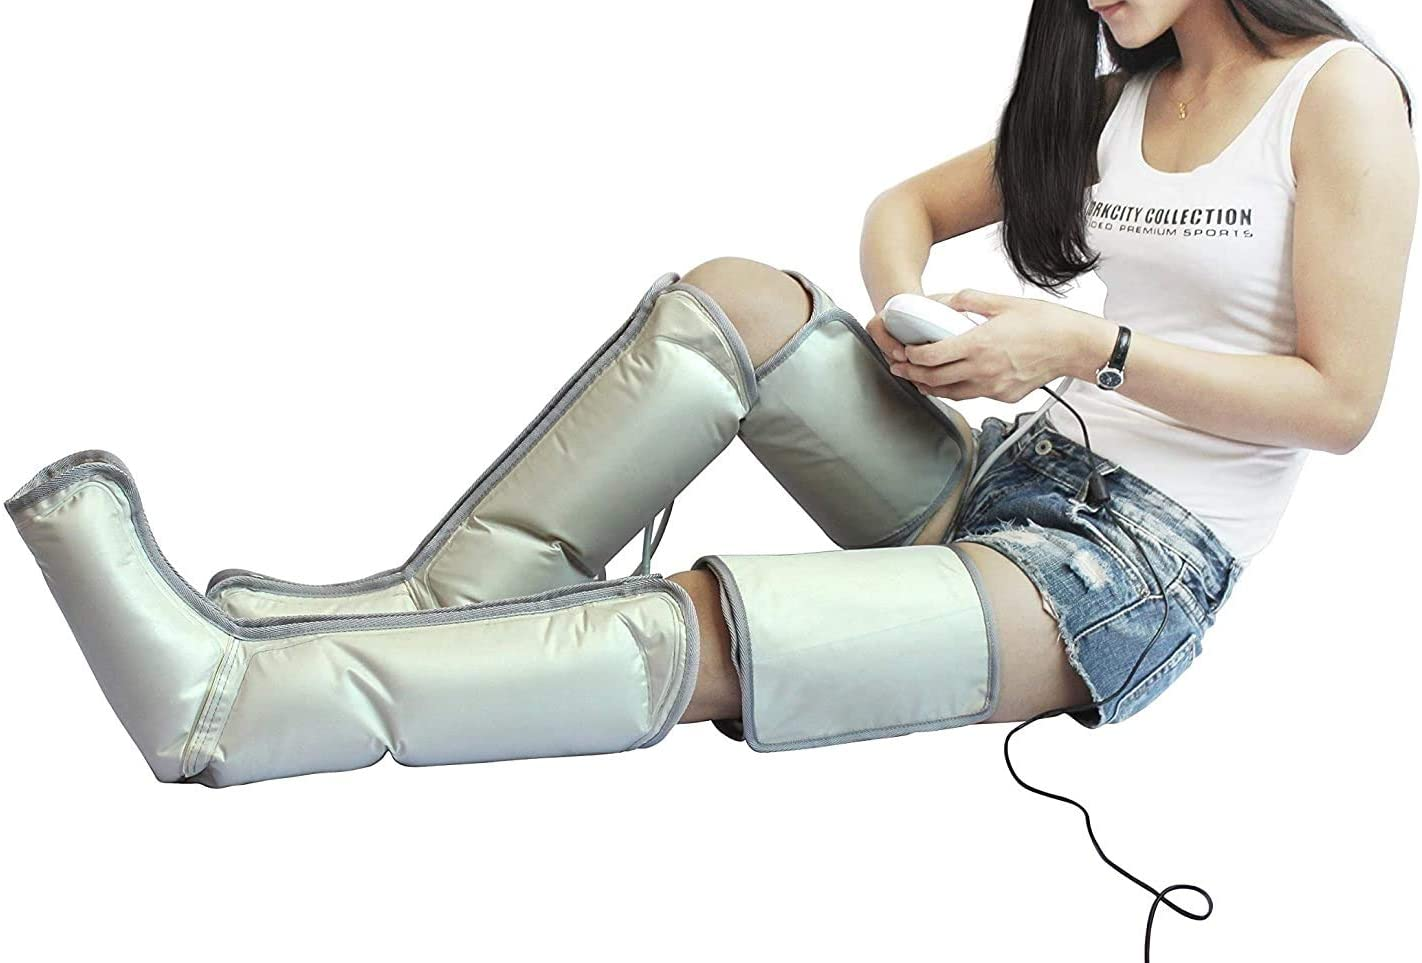 maquina-de-presoterapia-para-piernas-y-pies-amaco-pn-9400.jpg